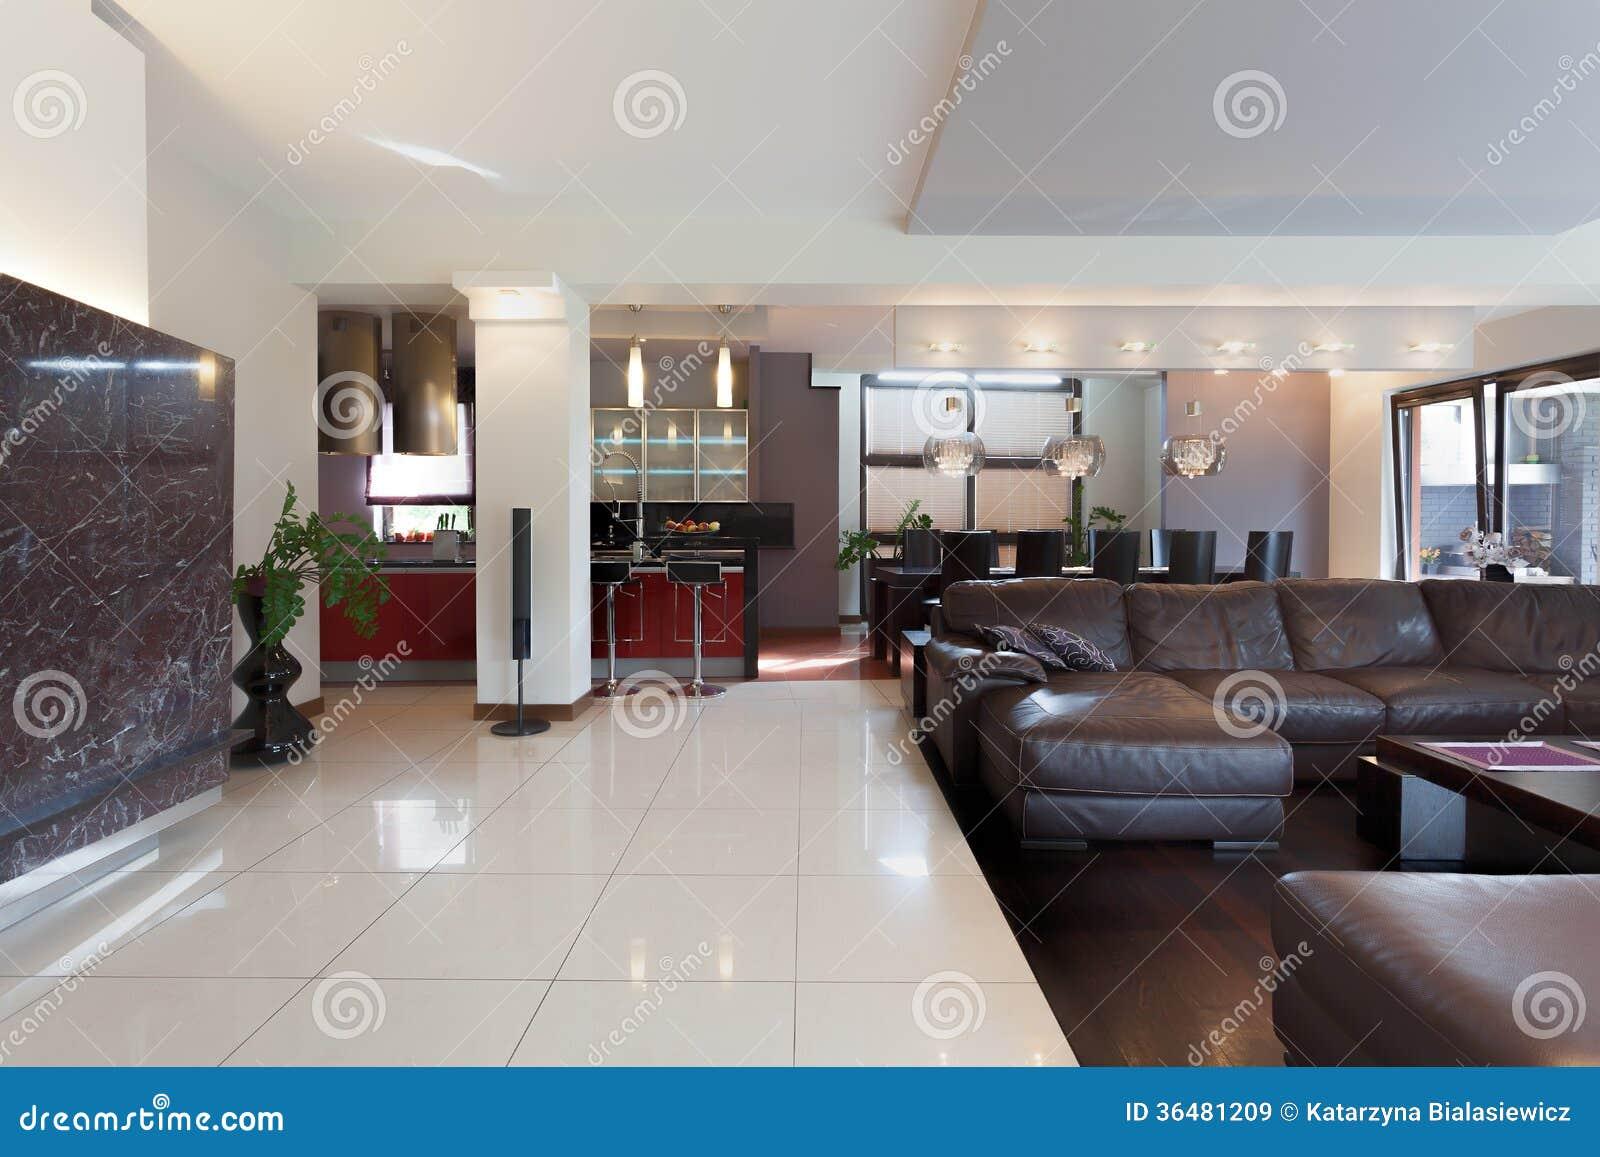 Cocina sala de estar y comedor im genes de archivo libres for Sala de estar y comedor